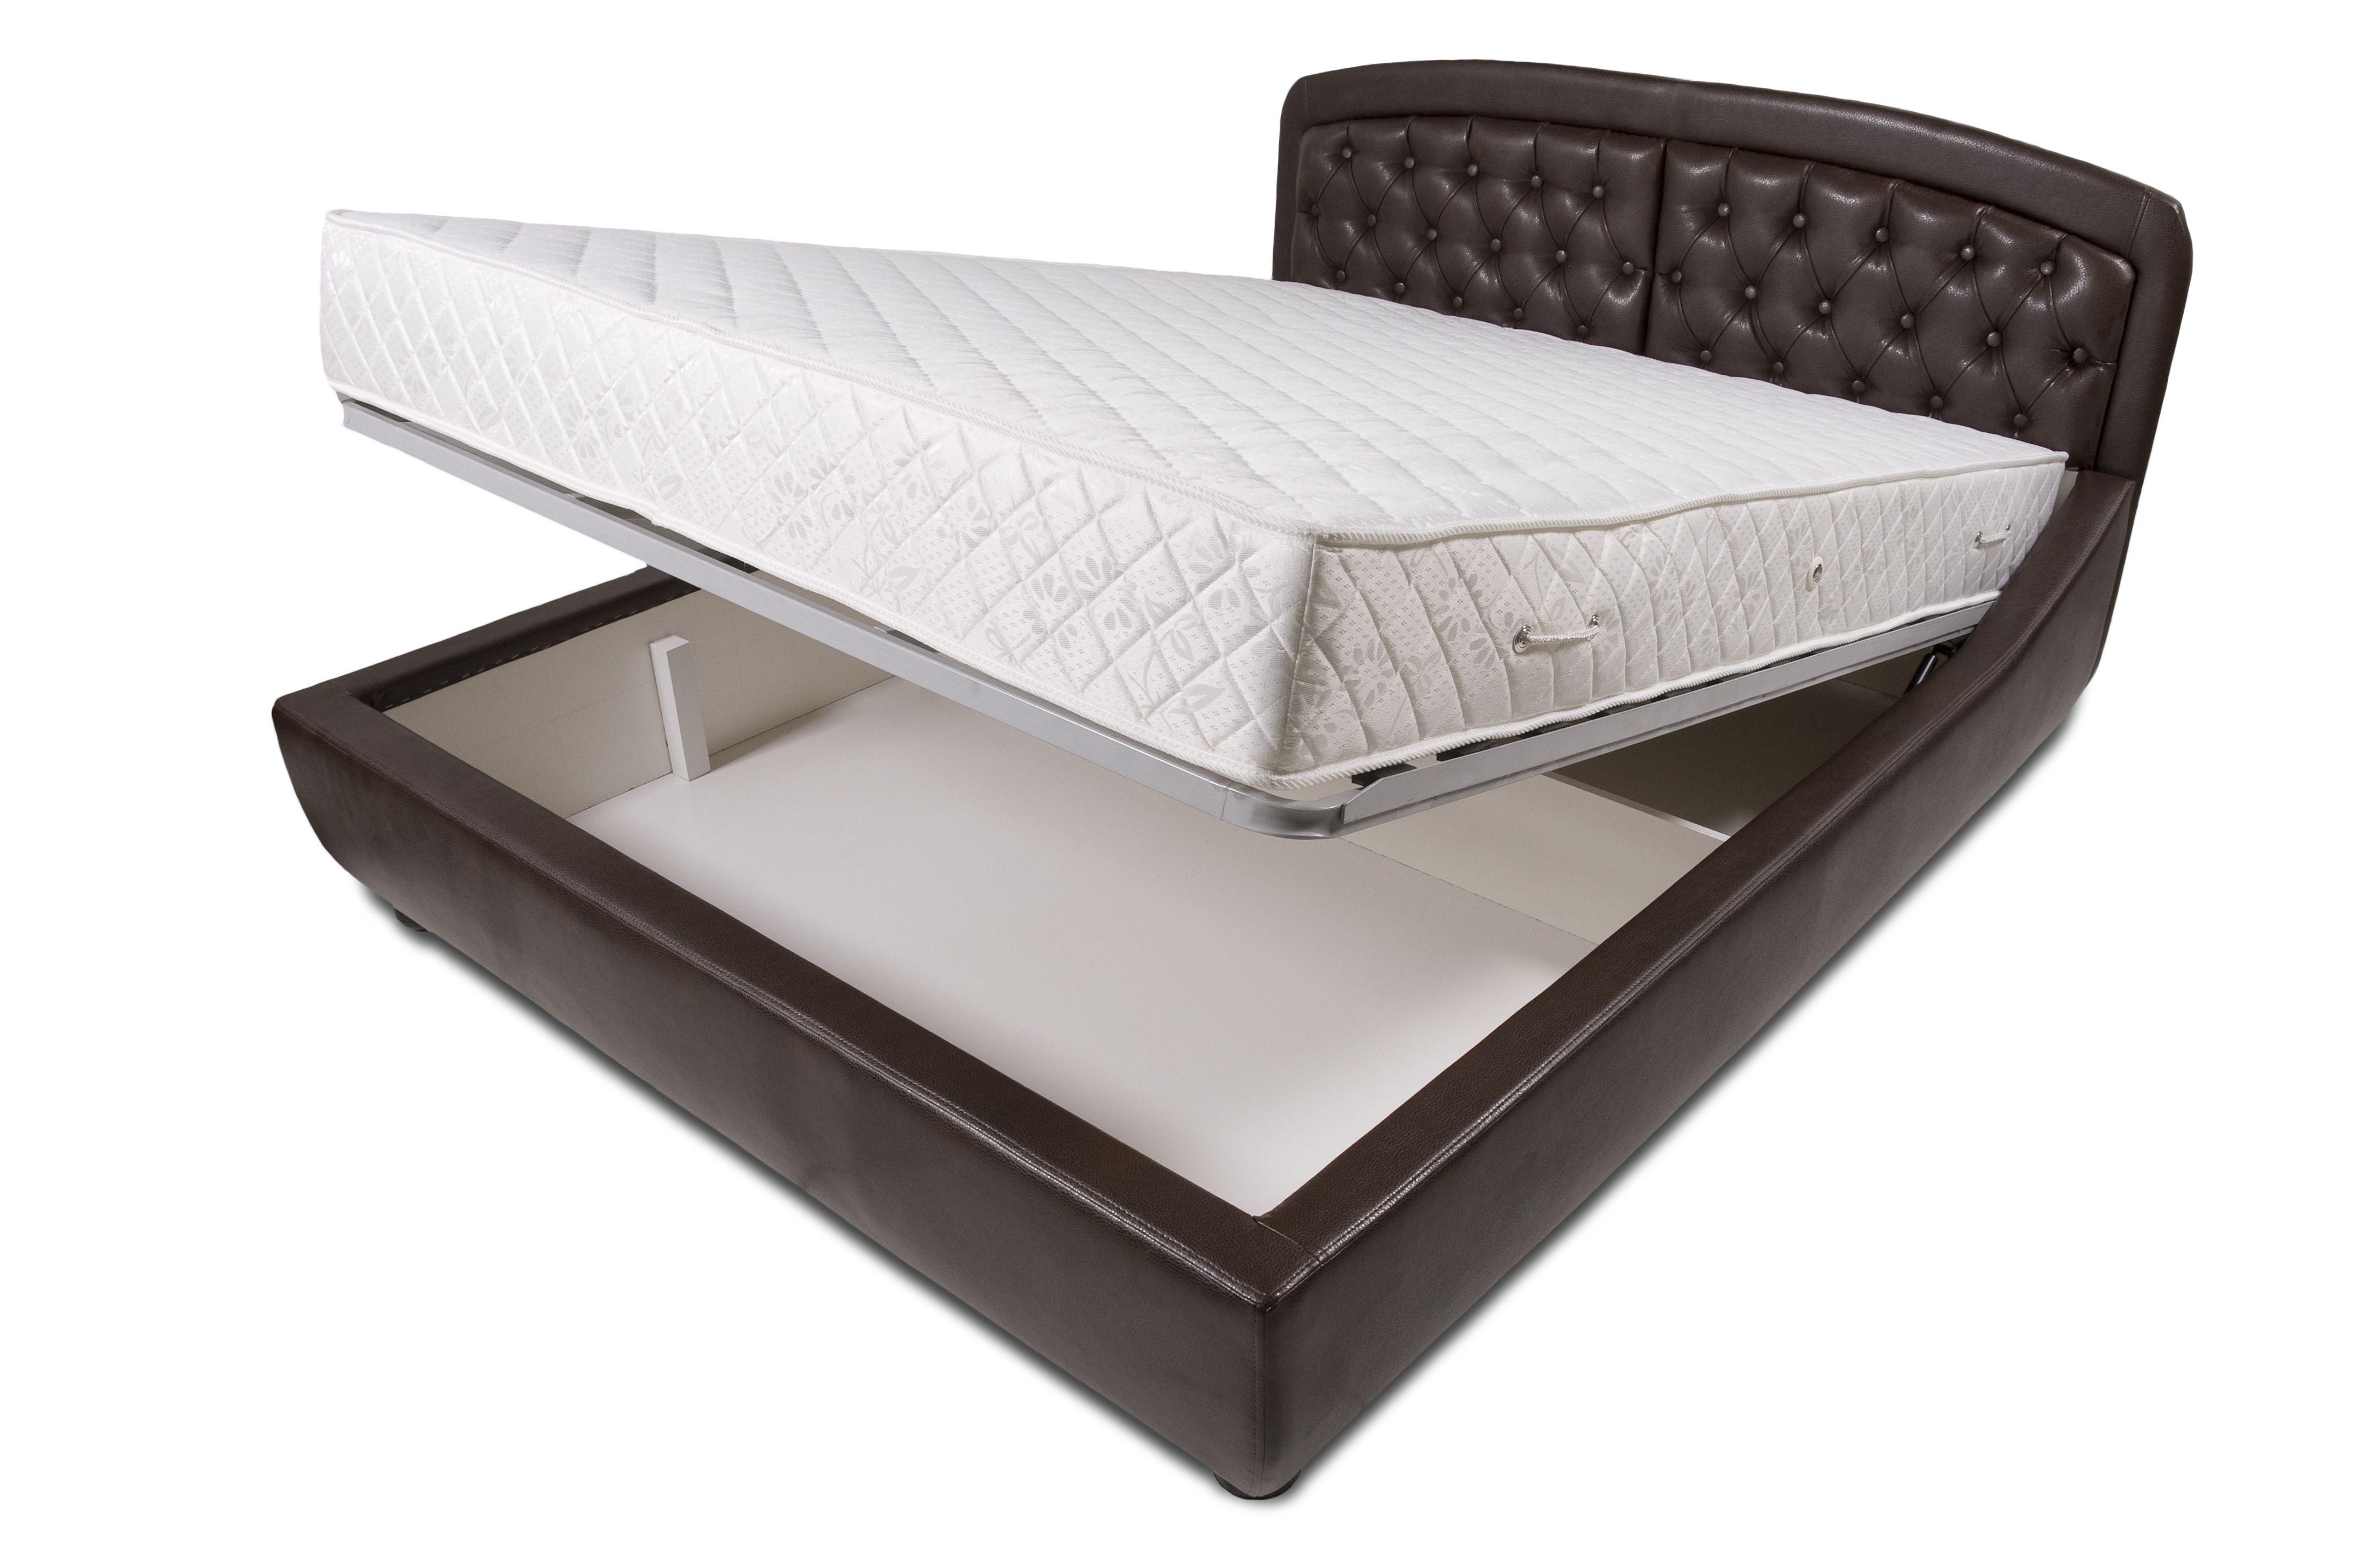 Descanso servicios y productos de muebles aparicio - Muebles en almedinilla ...